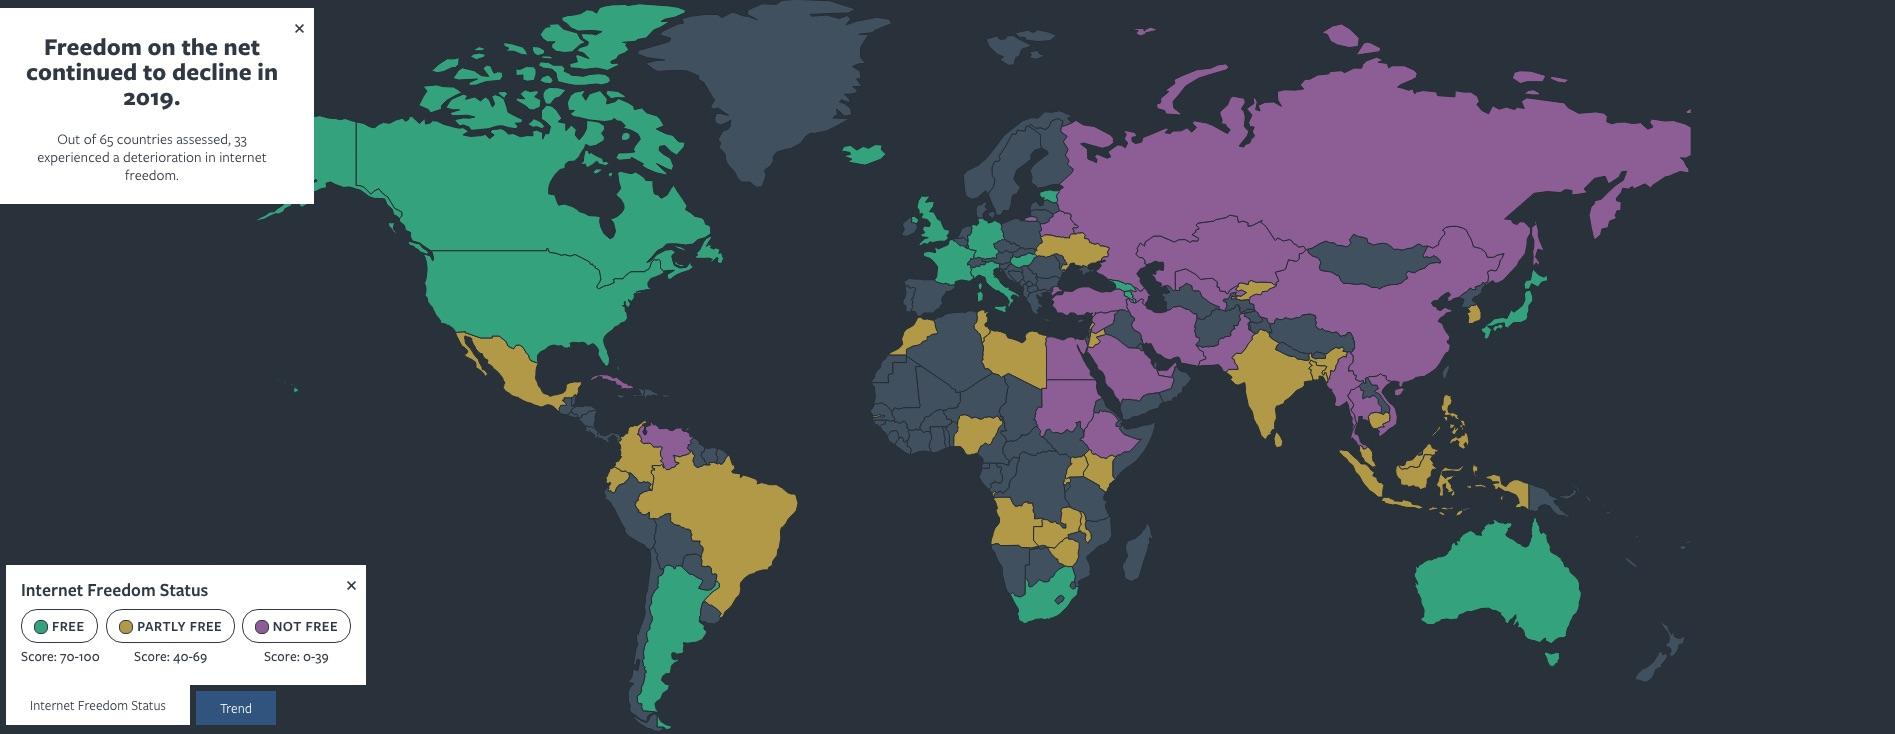 Carte géographique représentant les pays où l'accès à Internet est considéré comme étant libre